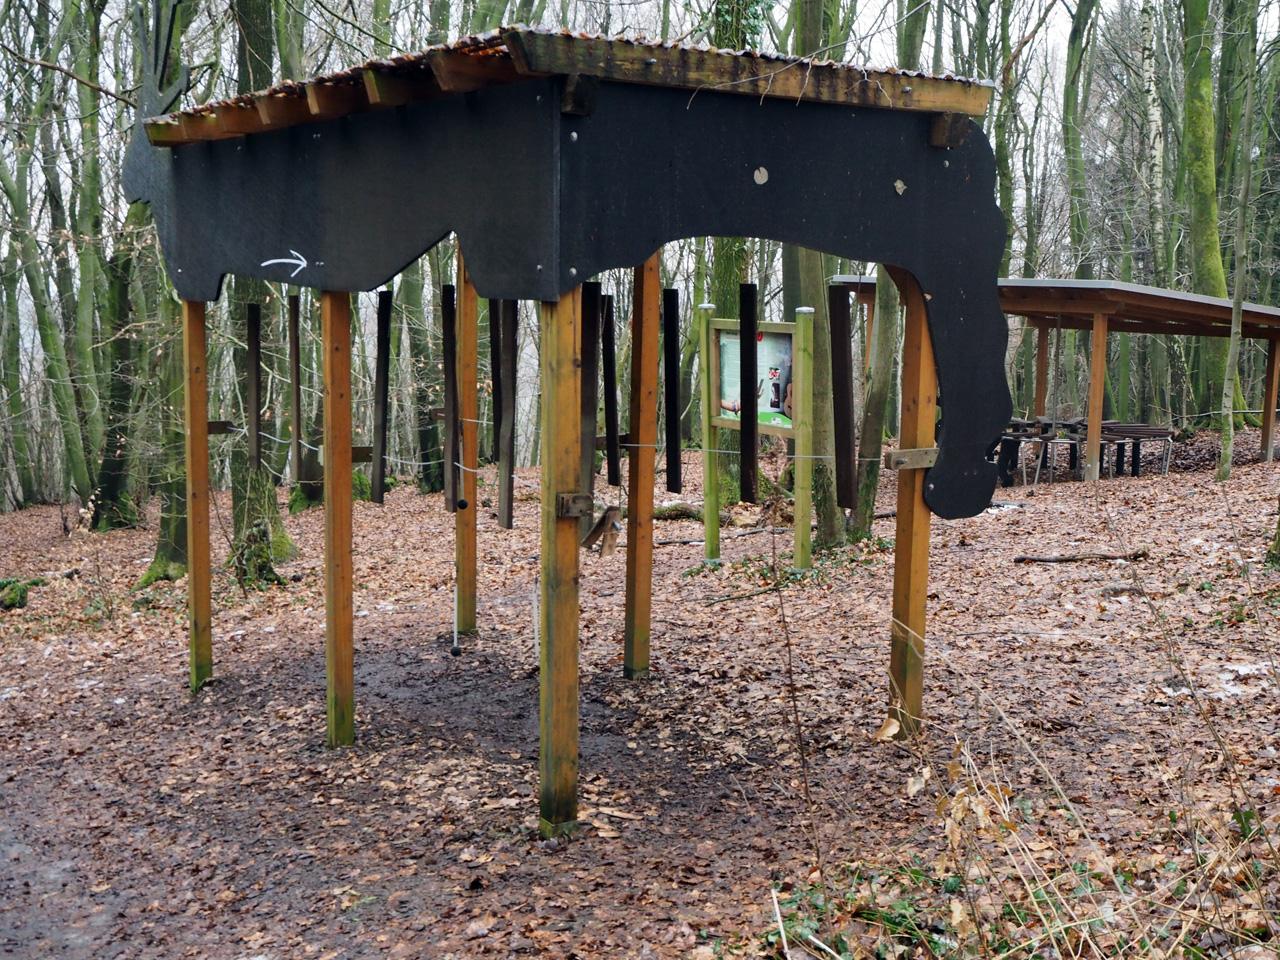 muziek maken in het bos op houten instrumenten